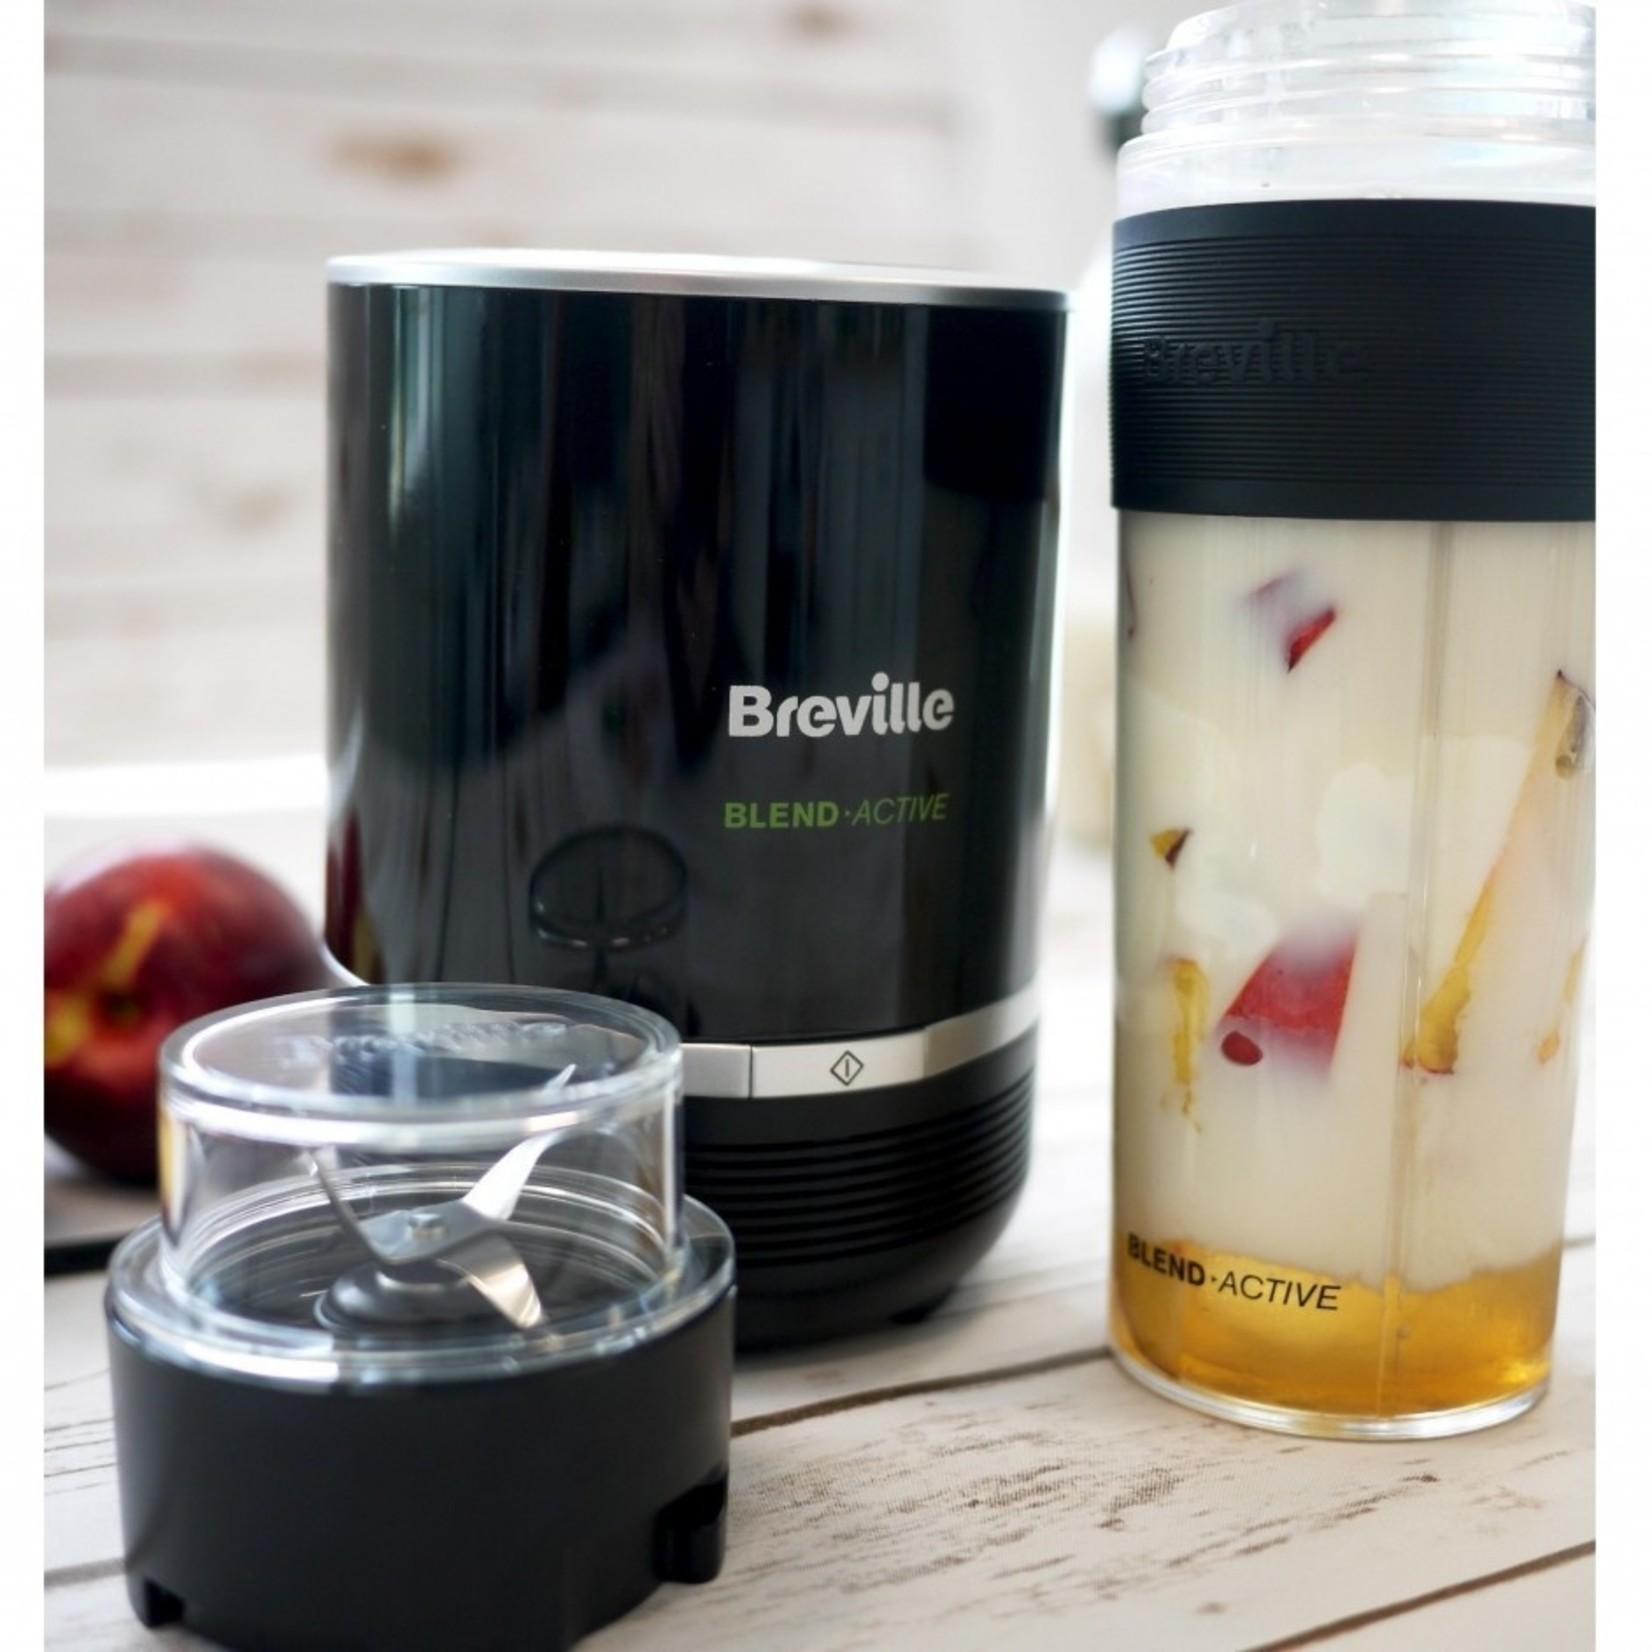 Breville Breville Blend Active blender On the go blender